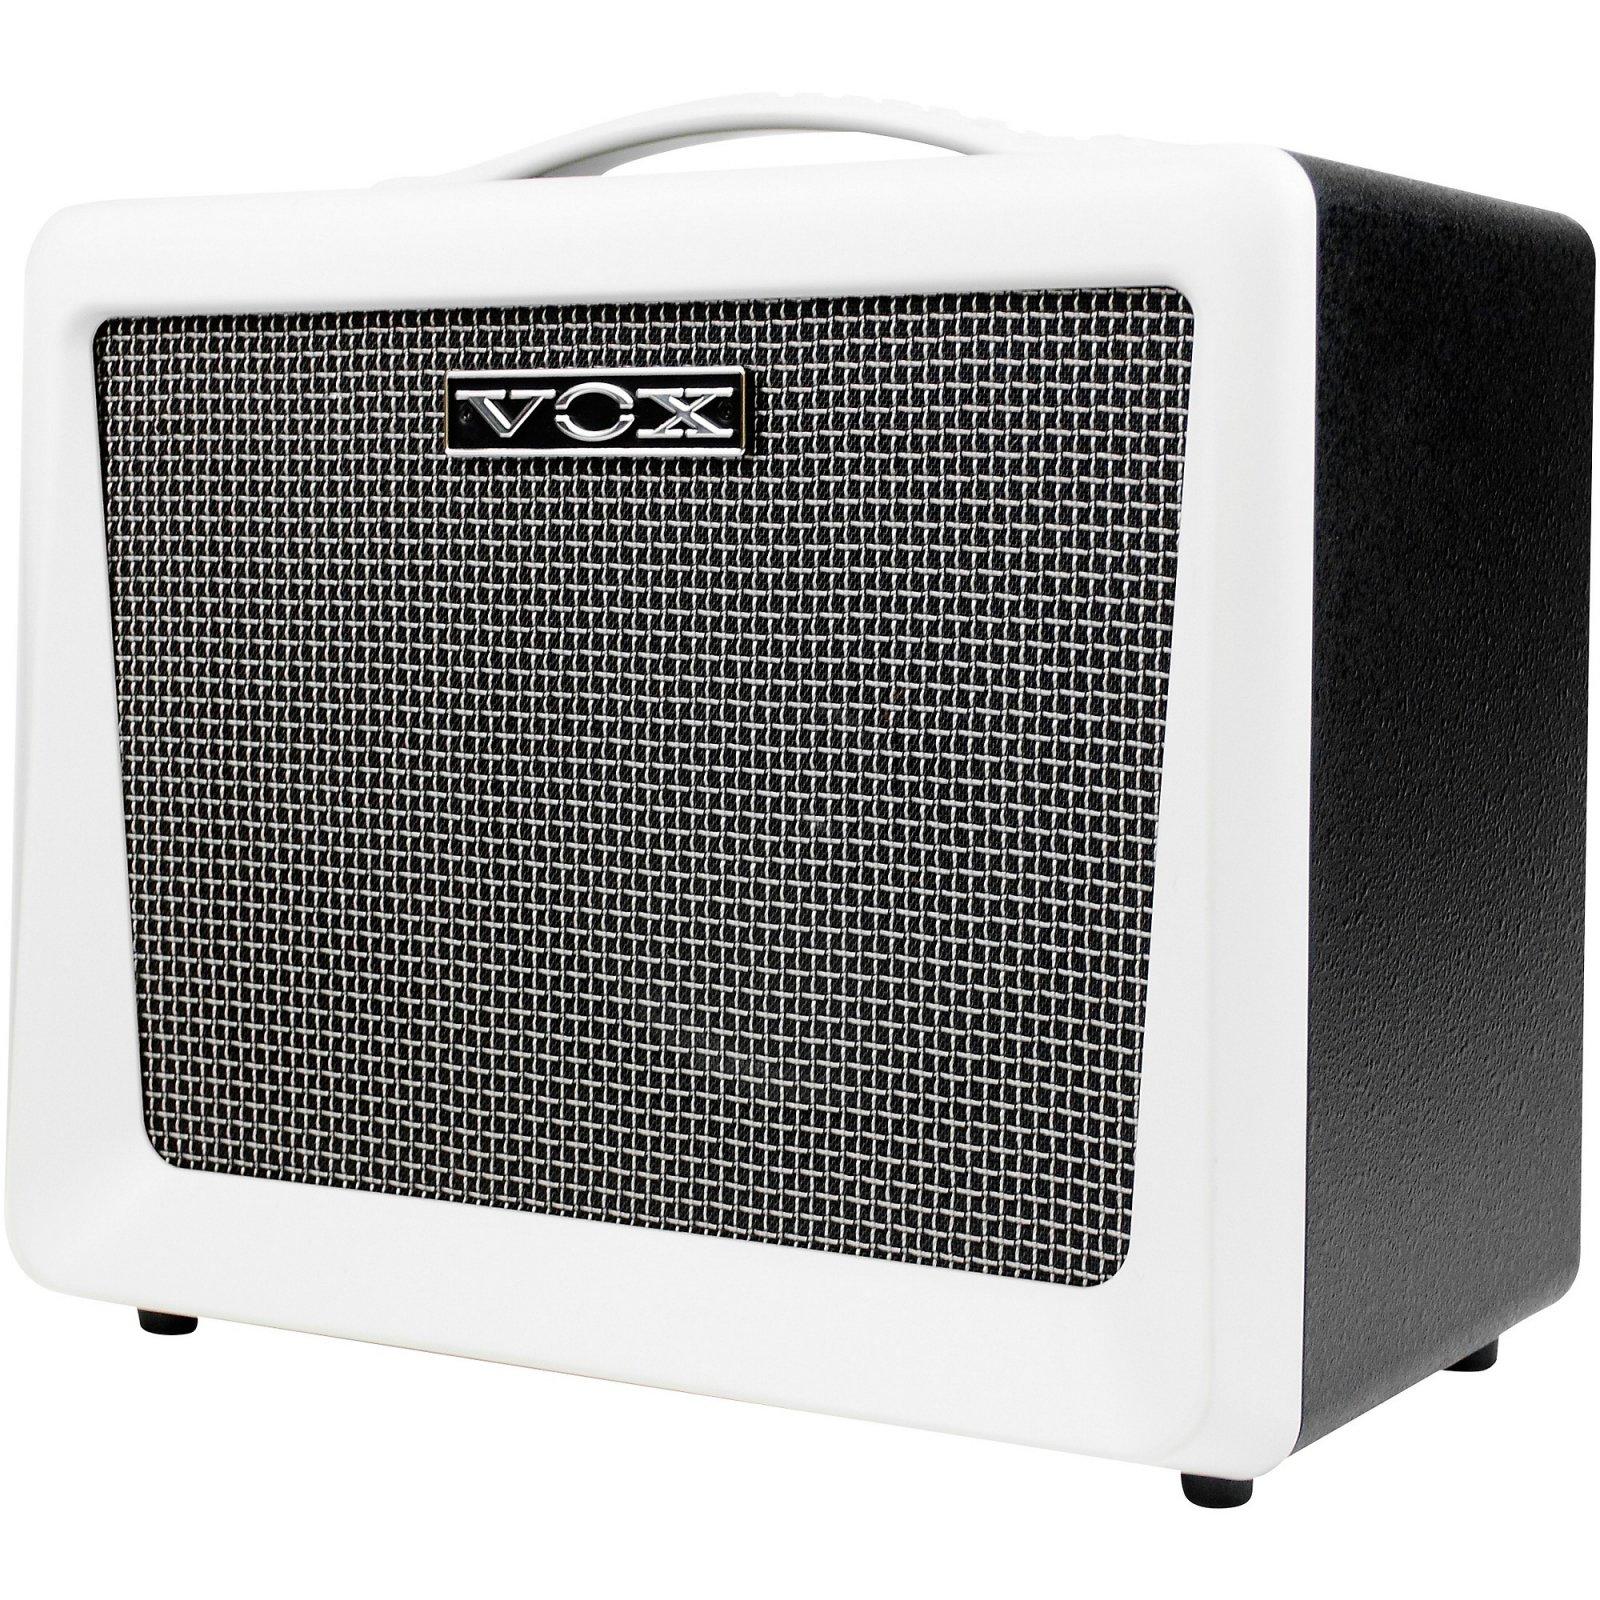 Vox 50 Watt Keyboard Amplifier w/Nutube